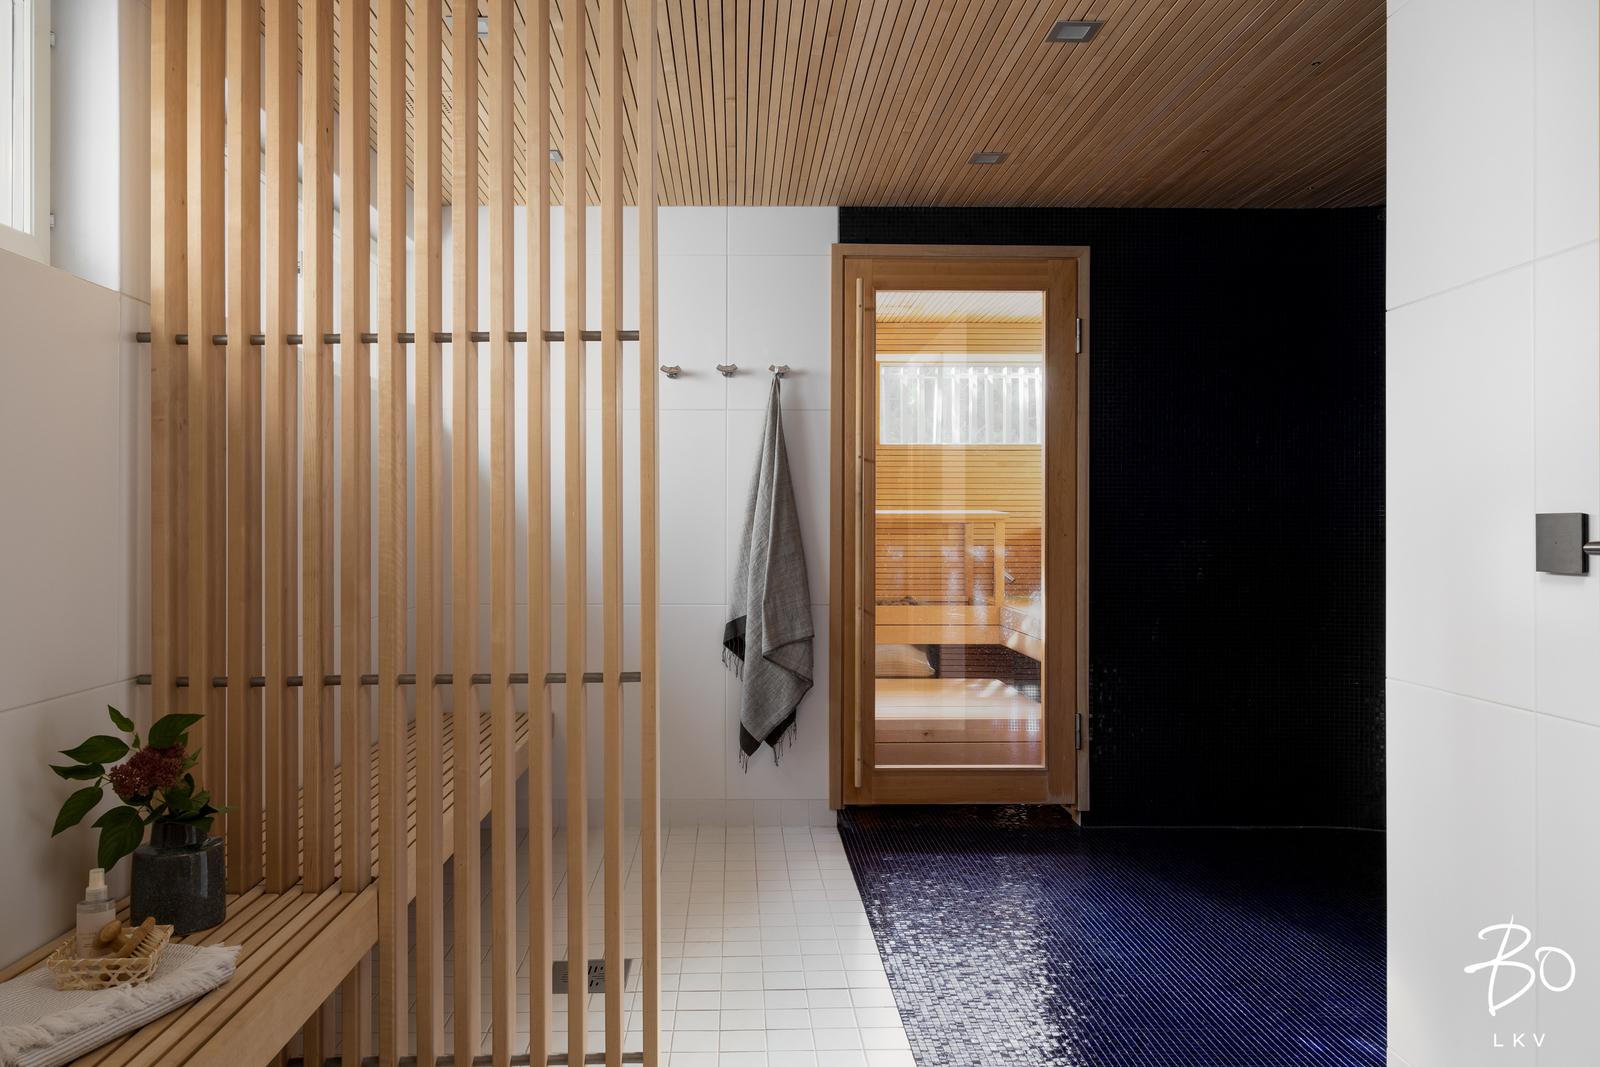 Talon saunaosasto sijaitsee alimmassa kerroksessa